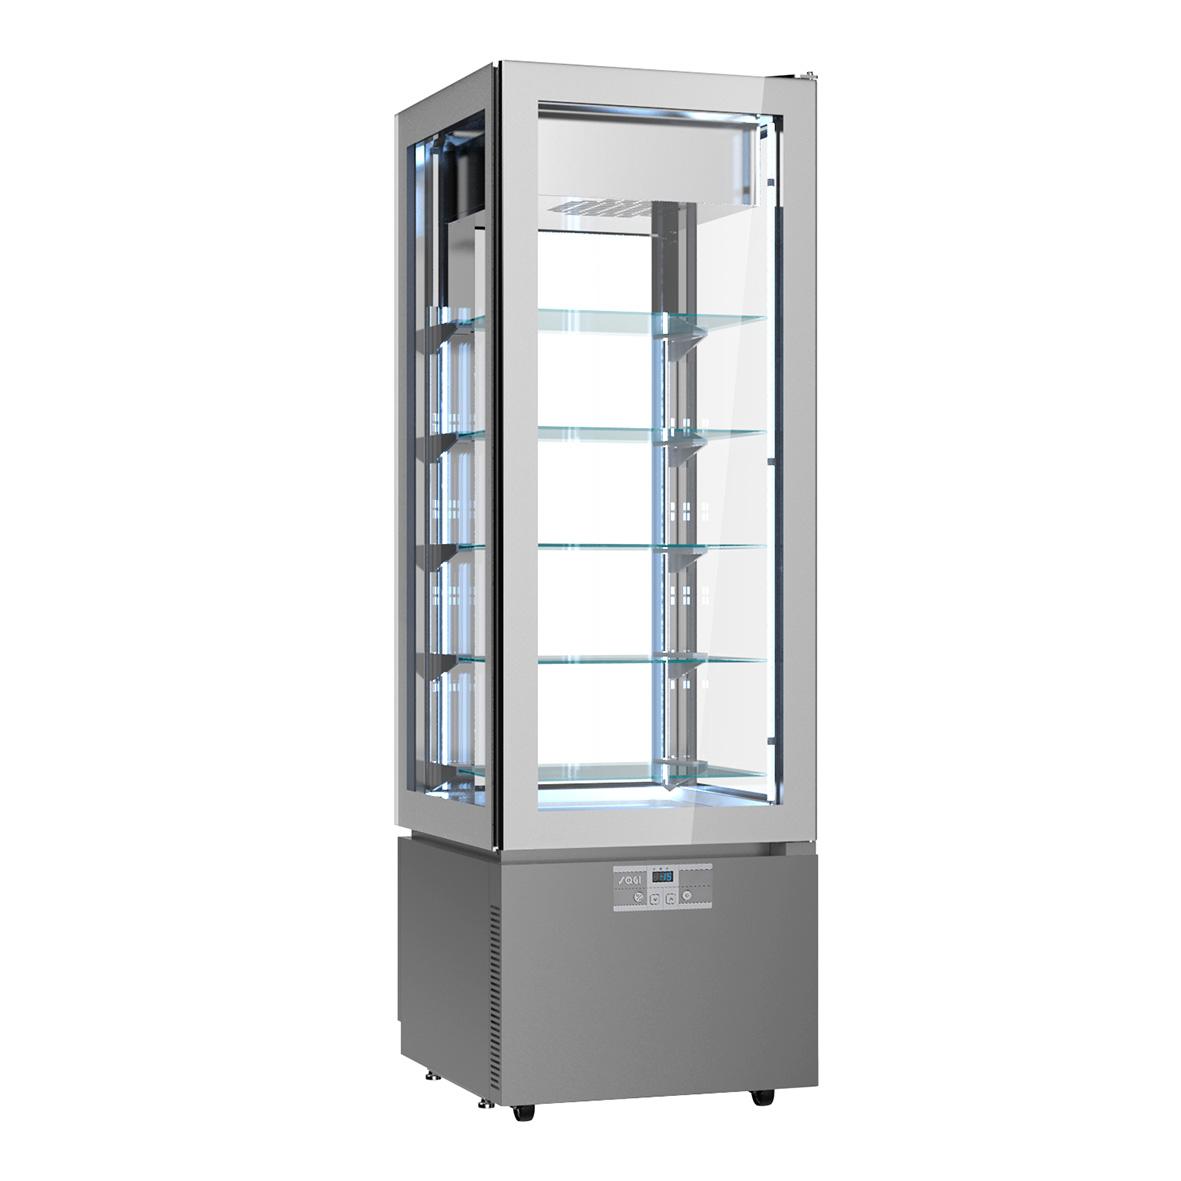 Sagi-Display-Freezer-UAE